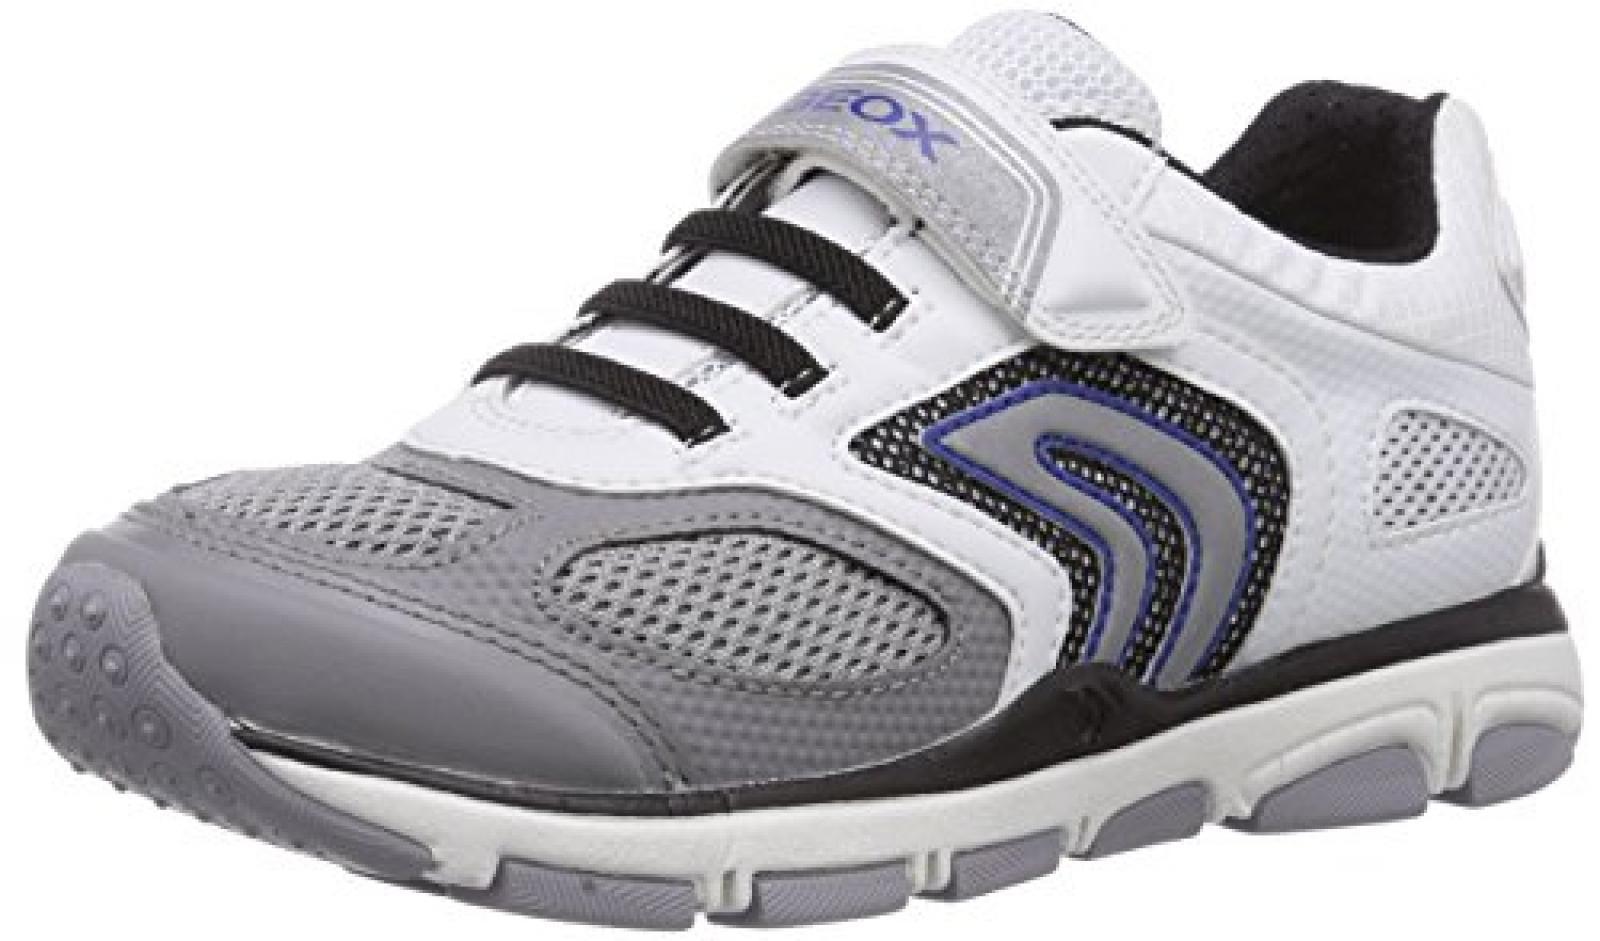 Geox JR TORQUE B Jungen Sneakers